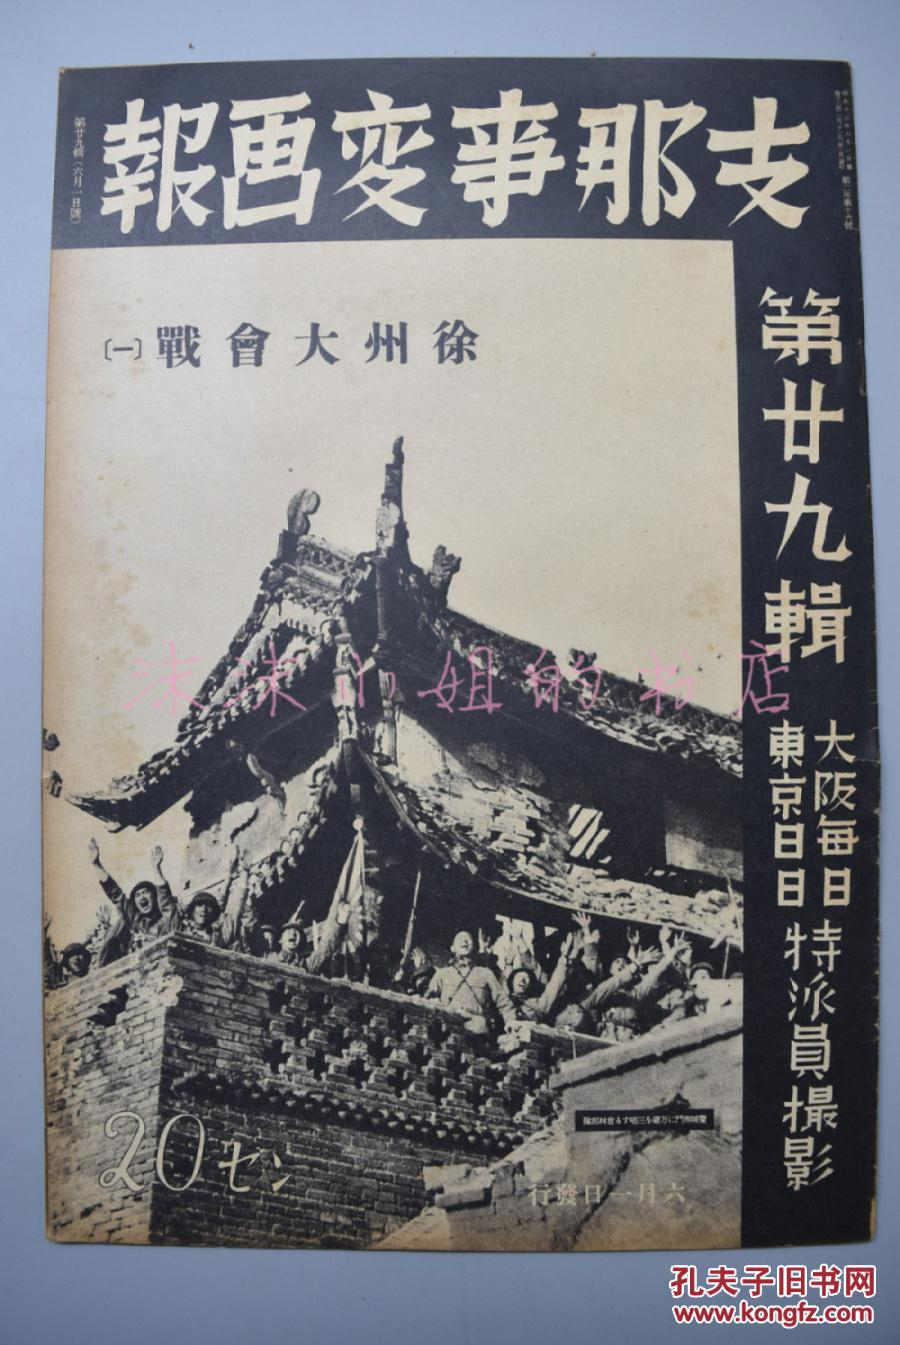 侵华史料《支那事变画报》第二十九辑1938年 徐州大()